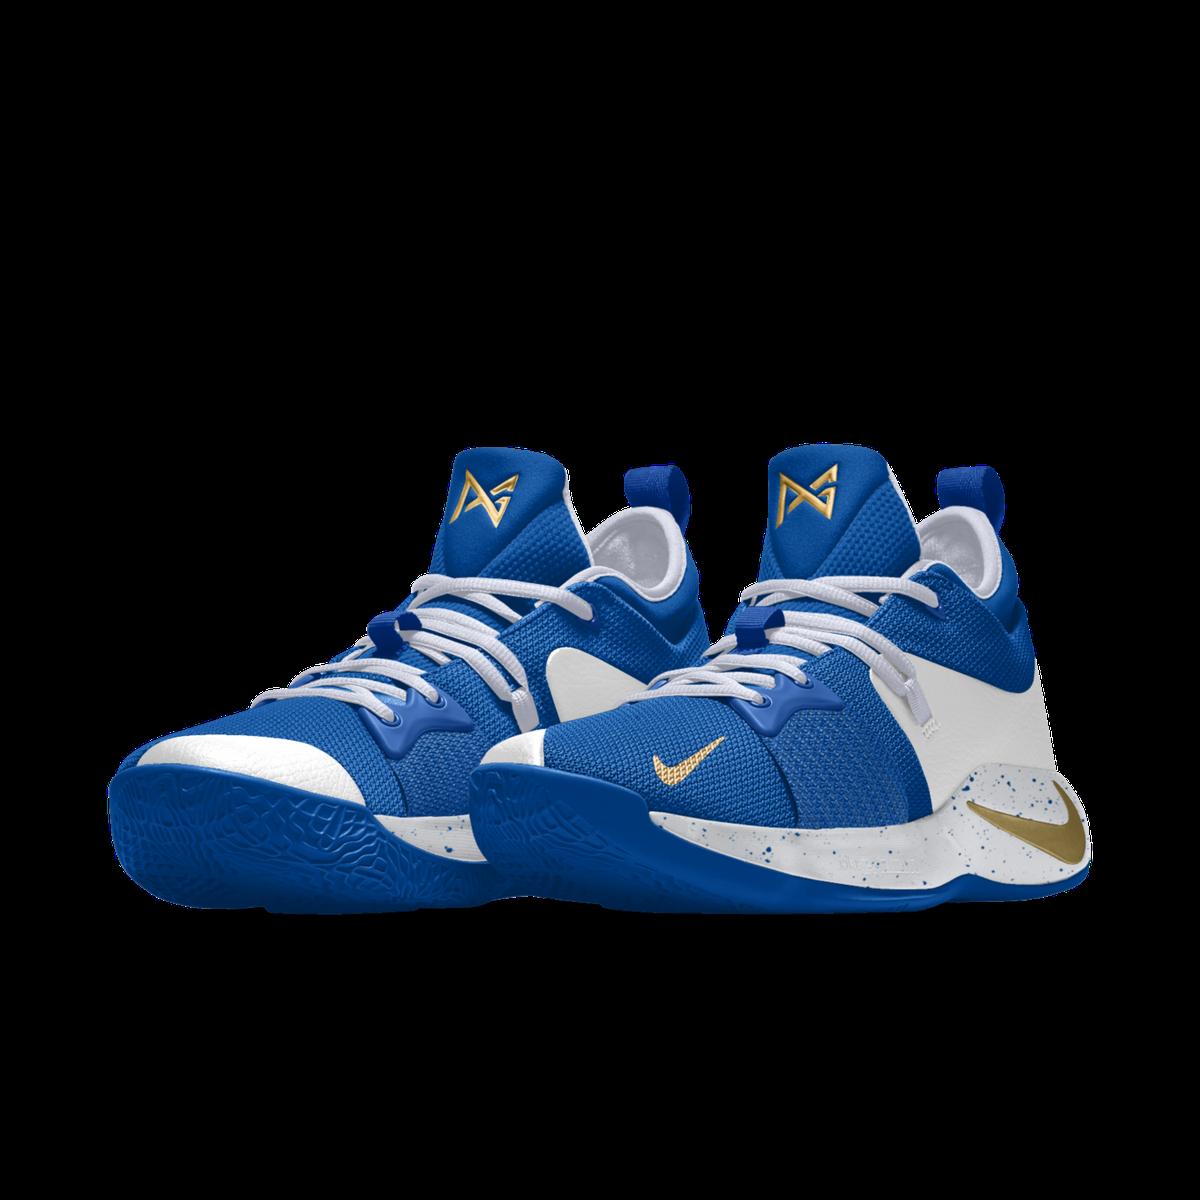 size 40 28f42 67a46 Jayson Tatum, Kyle Kuzma among stars to create Nike NBA opening week ...